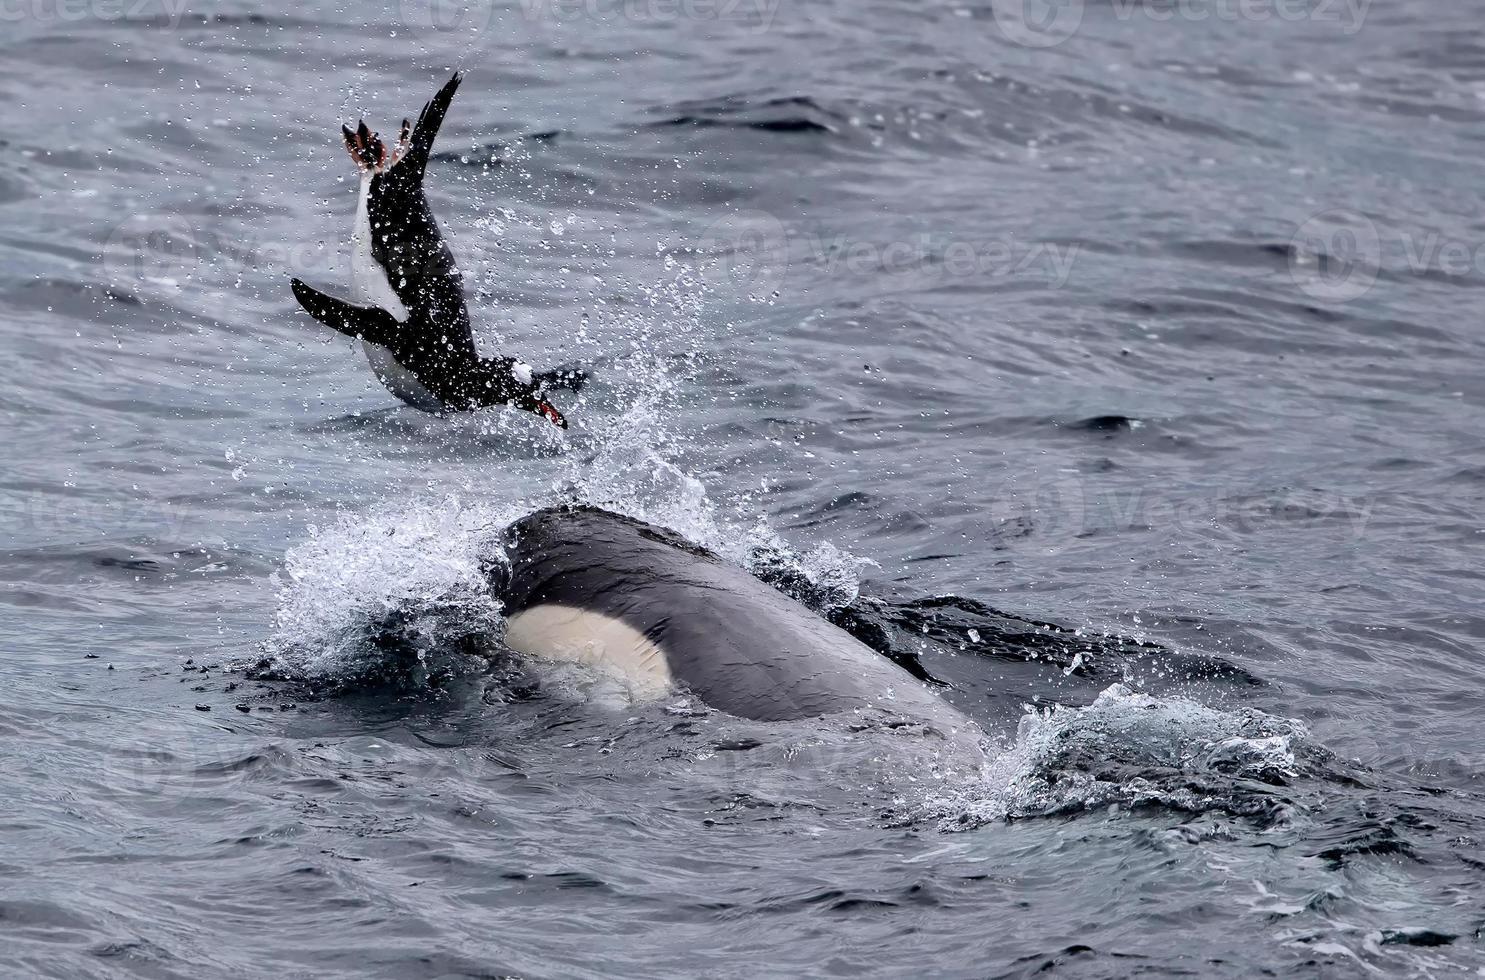 baleia assassina brincando com pinguim-gentoo foto